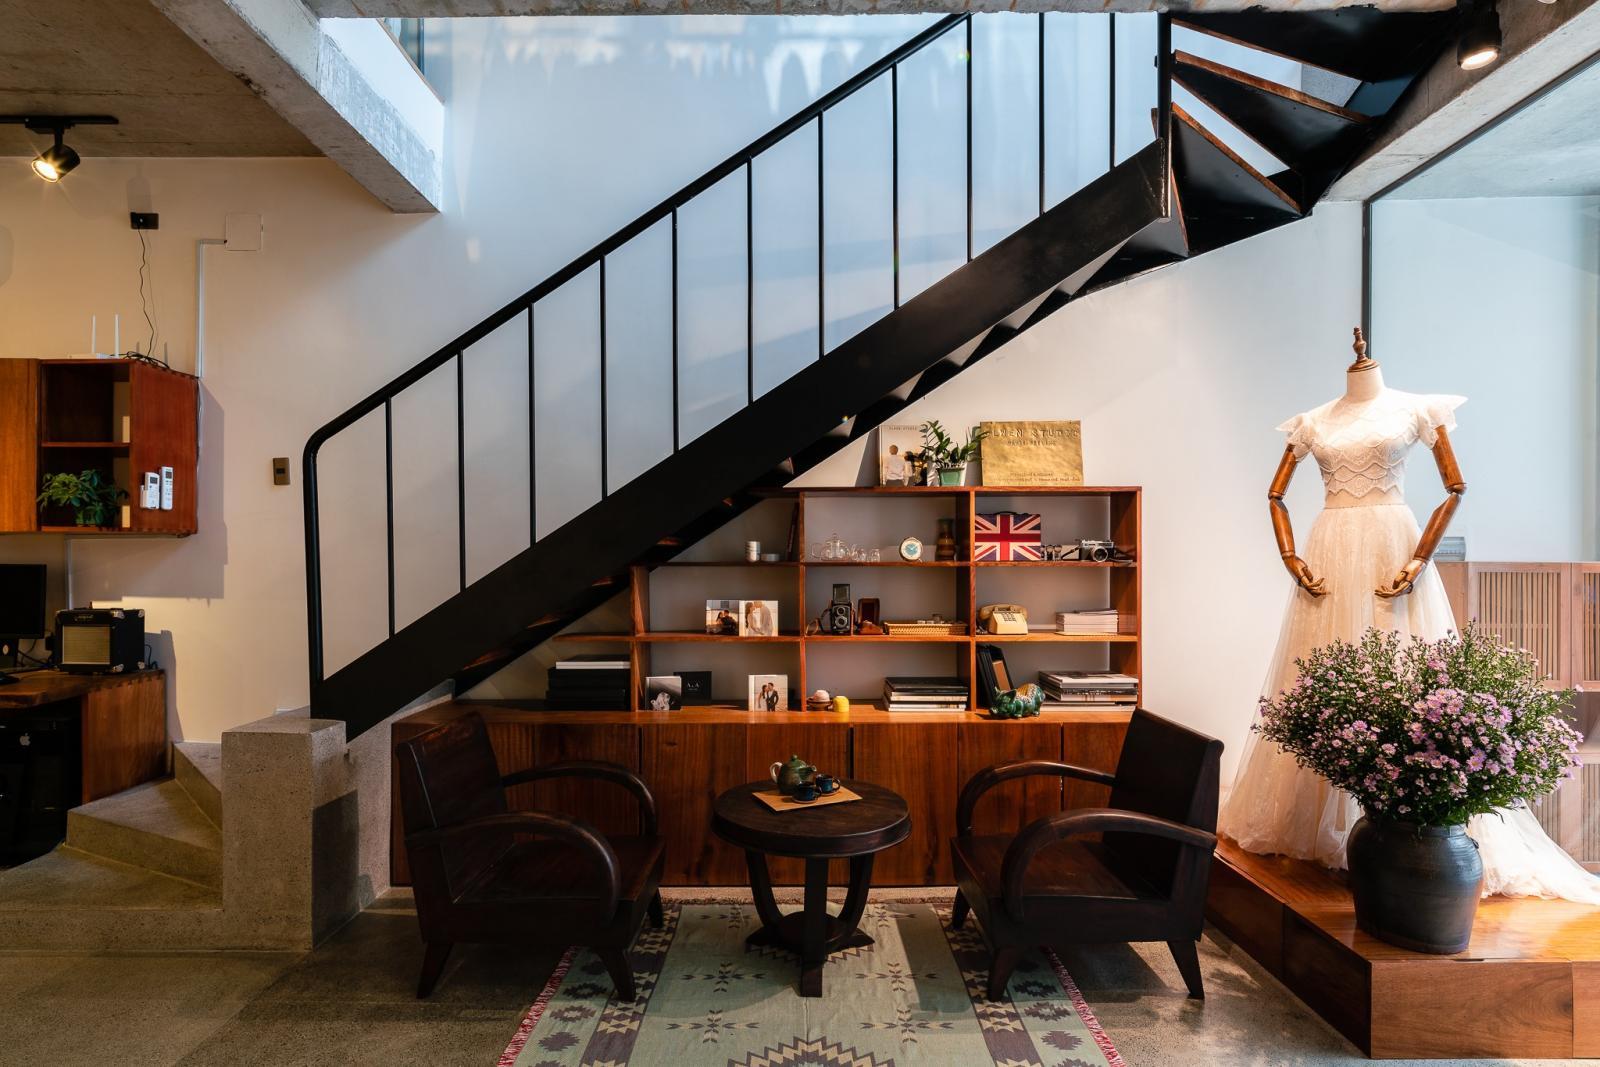 Cầu thang màu đen, bên dưới là phòng khách với kệ đồ, bàn ghế gỗ, manocanh mặc váy trắng, lọ hoa...